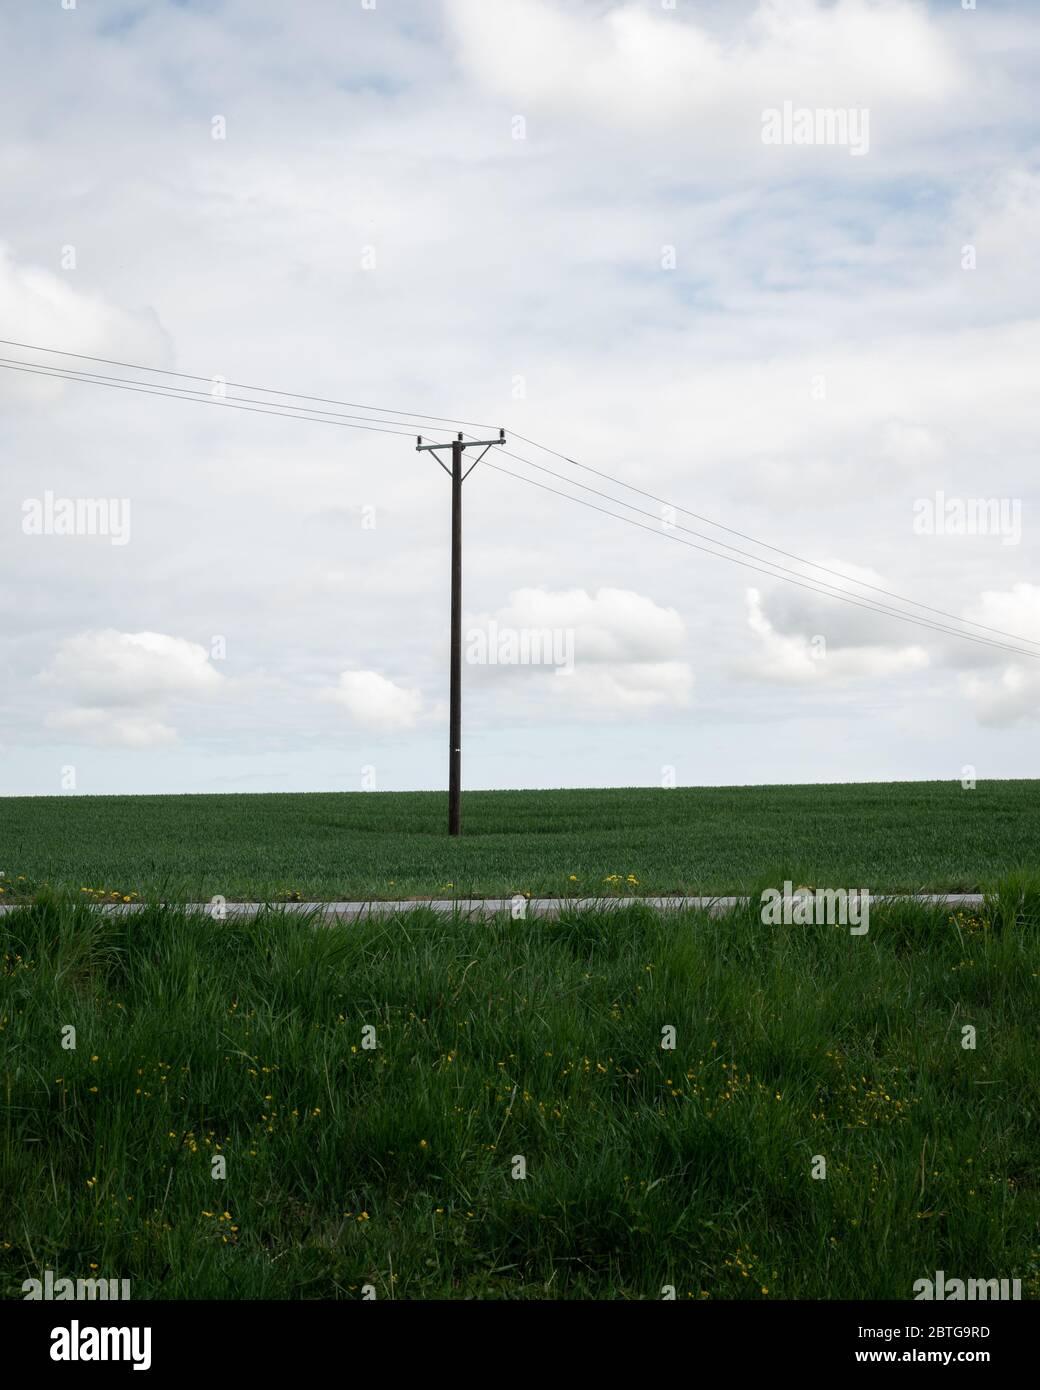 Un polo di linea di alimentazione singolo si erge alto sopra i campi verdi nel paesaggio meridionale della Svezia chiamato Skåne Foto Stock